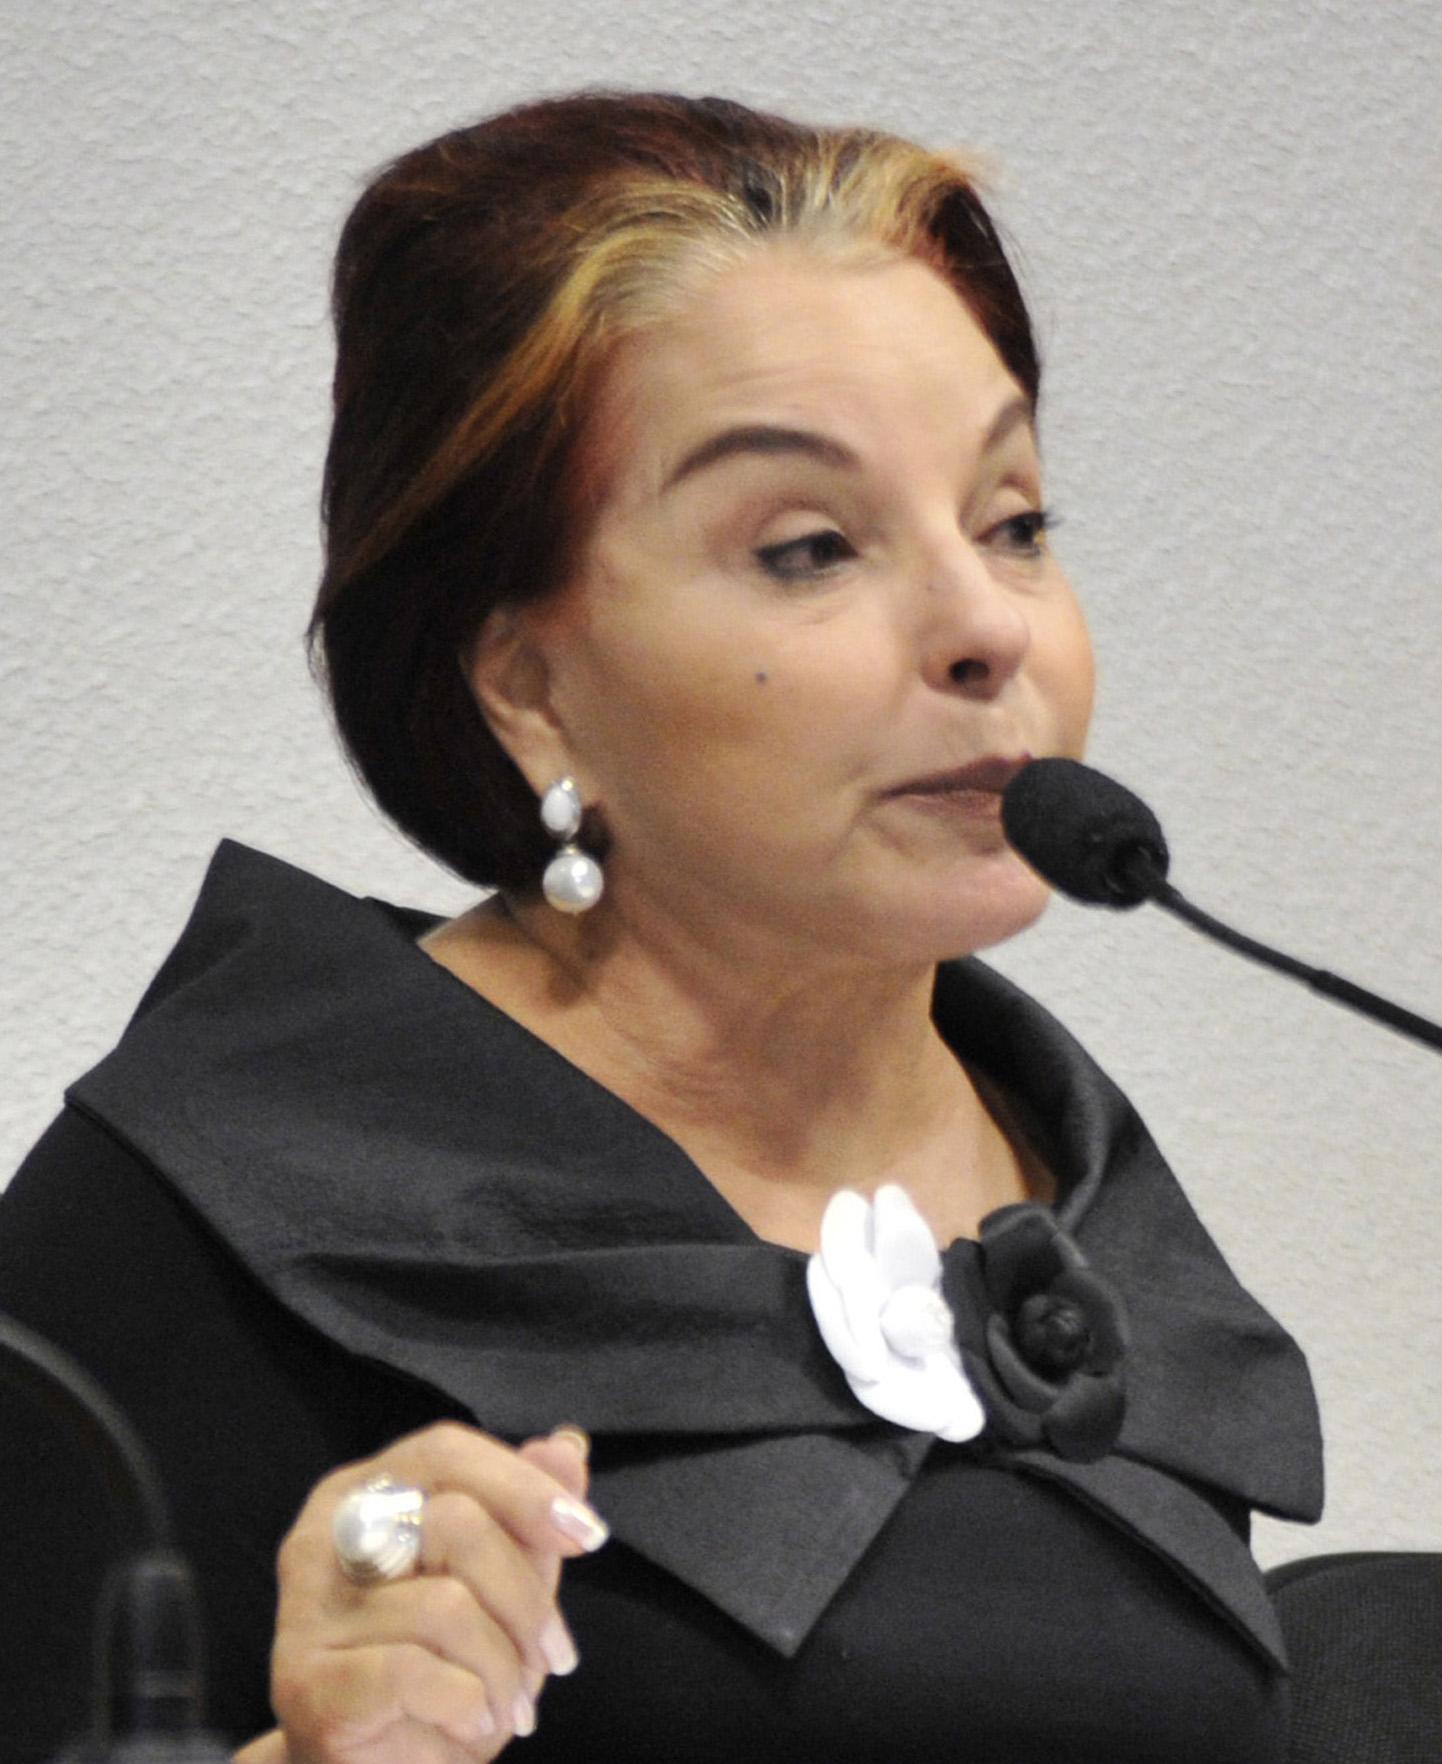 Veja o que saiu no Migalhas sobre Iris de Araújo